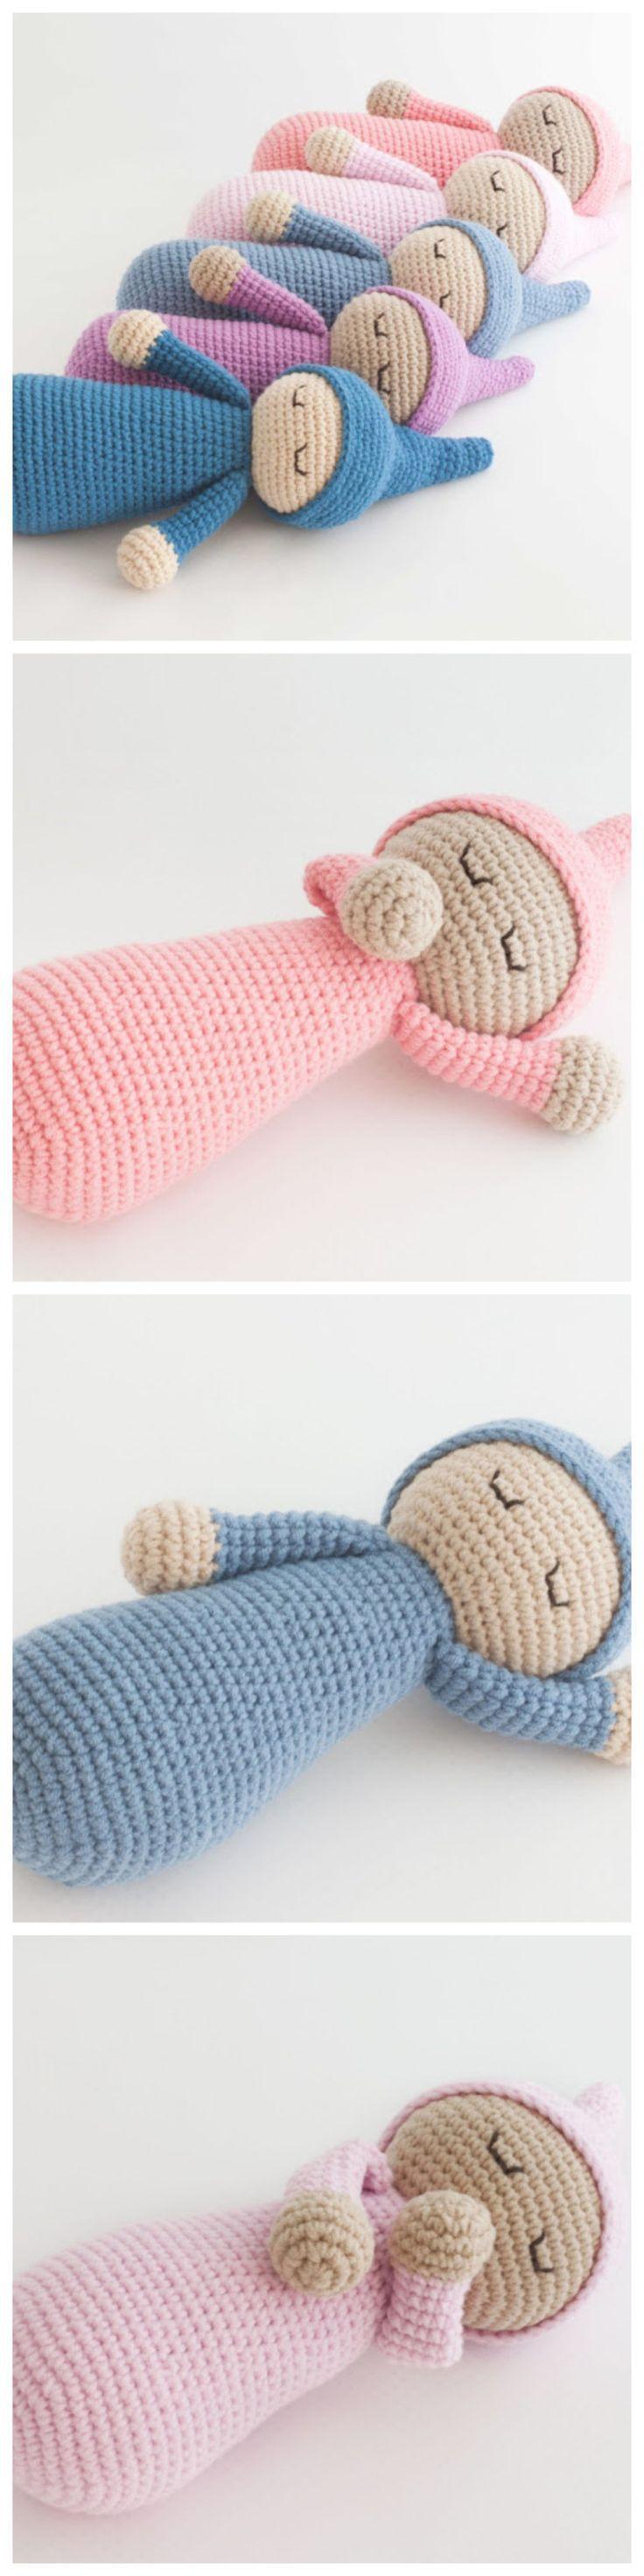 Gehäkelte Schlafmütze Puppe – kostenlose Anleitung #freepattern